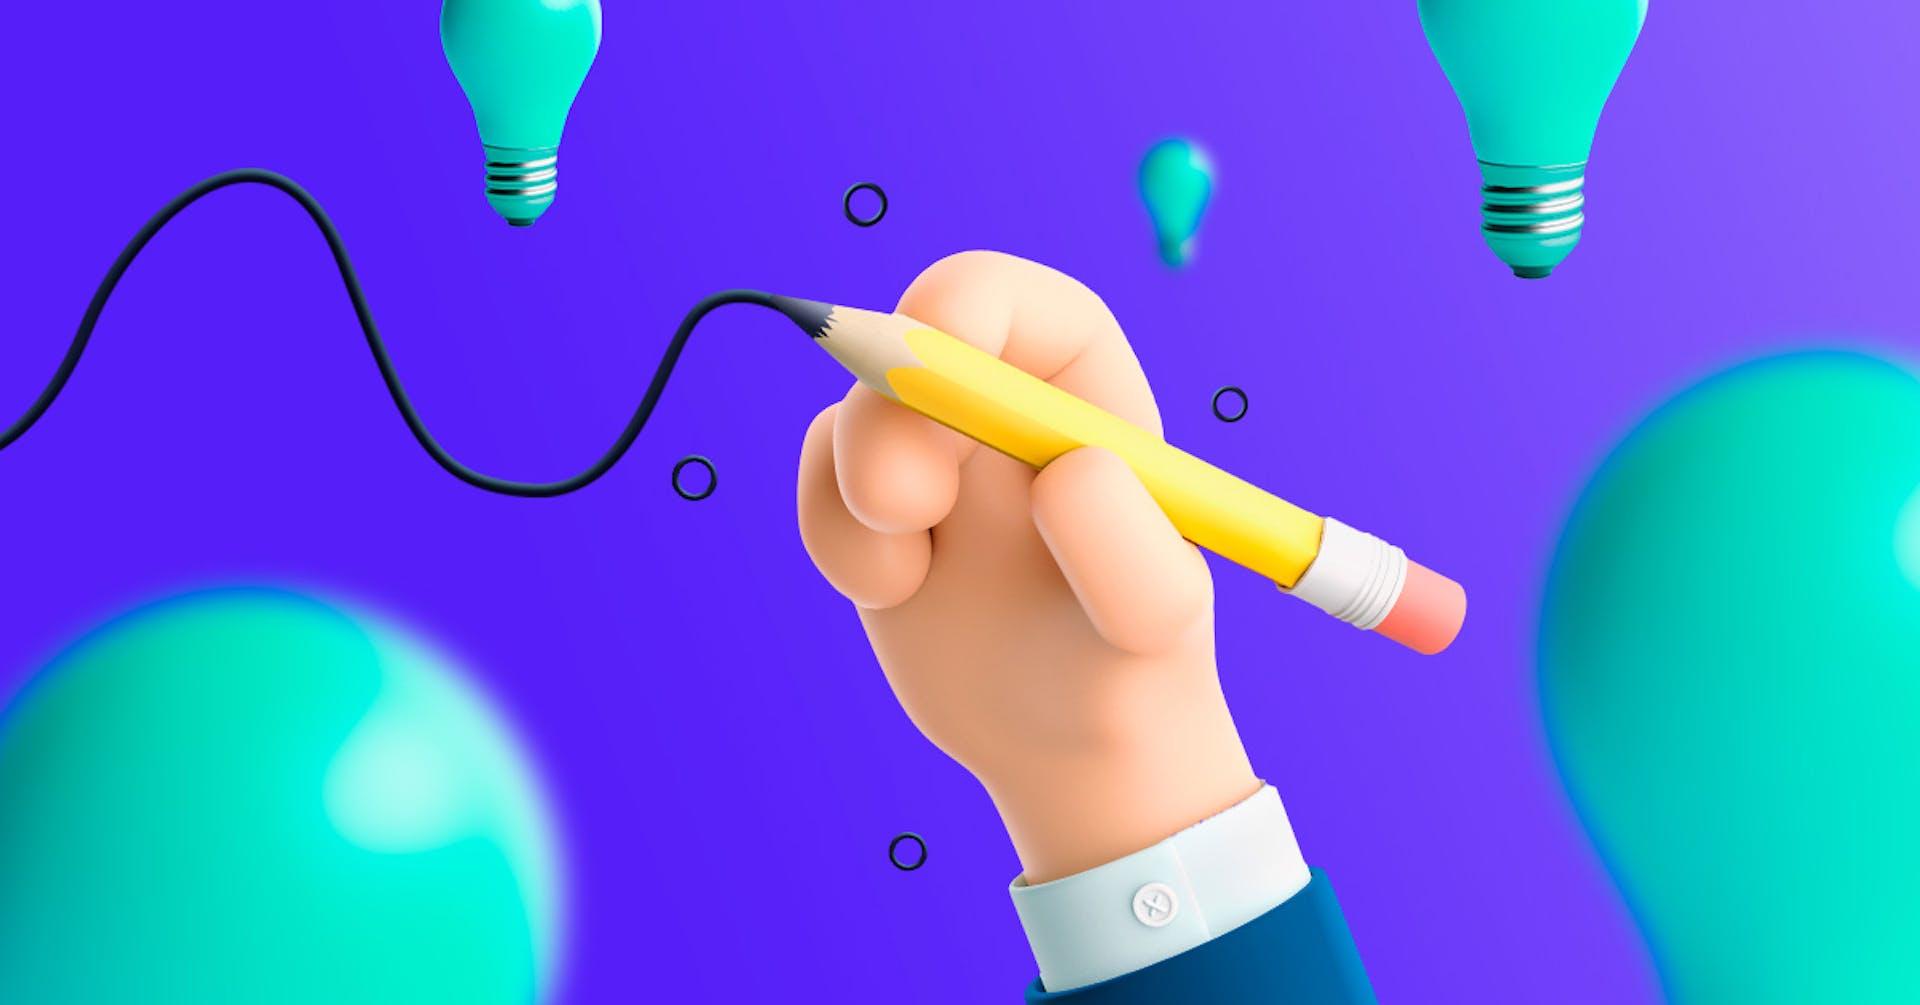 ¡Encuentra tu musa! Tips para encontrar la inspiración para dibujar